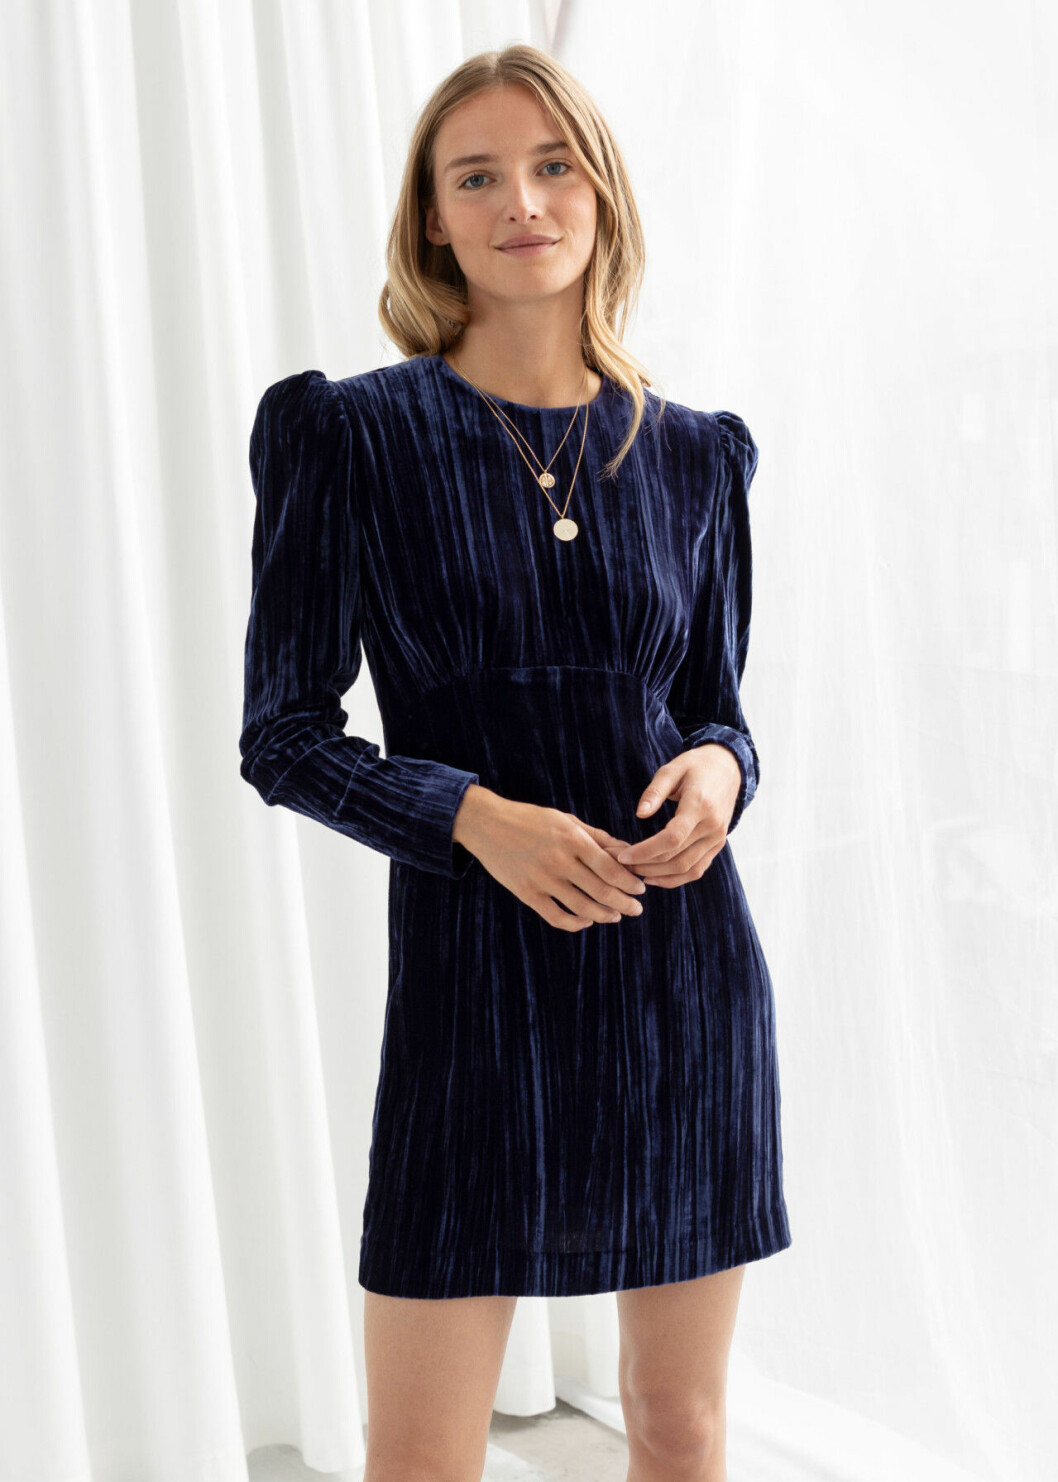 Blå sammetsklänning för dam till fest 2019